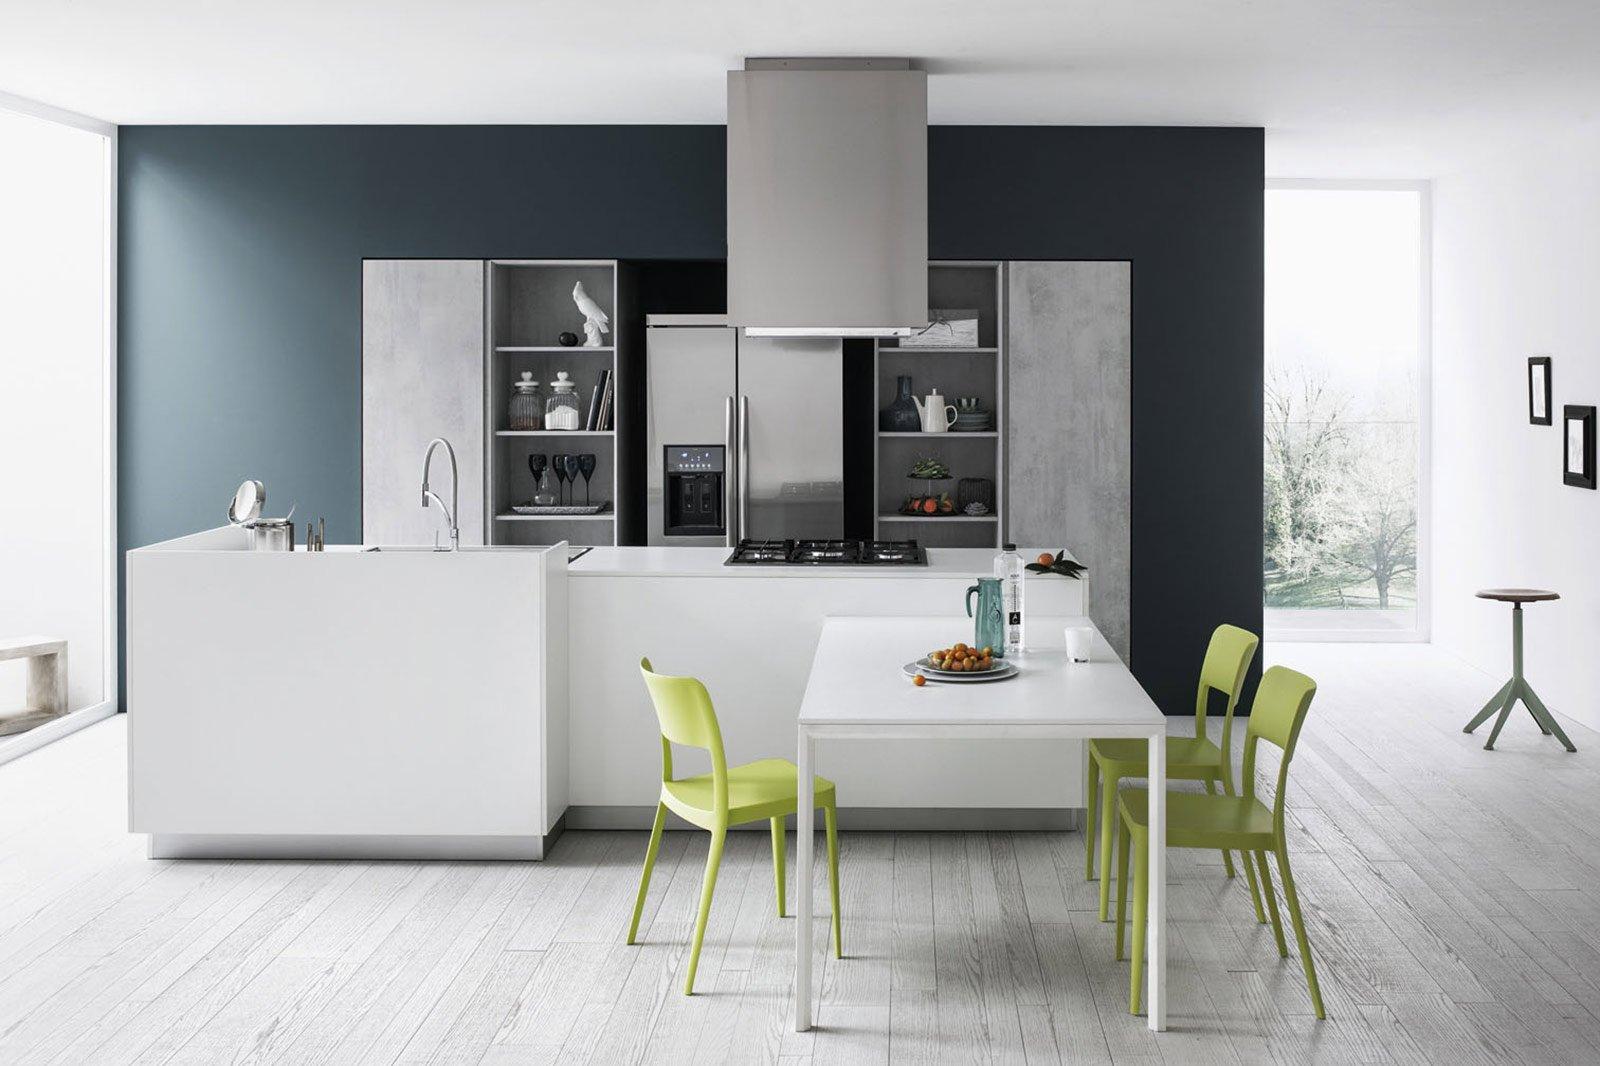 Cucine bianche moderne cose di casa - Cucine senza elettrodomestici ...